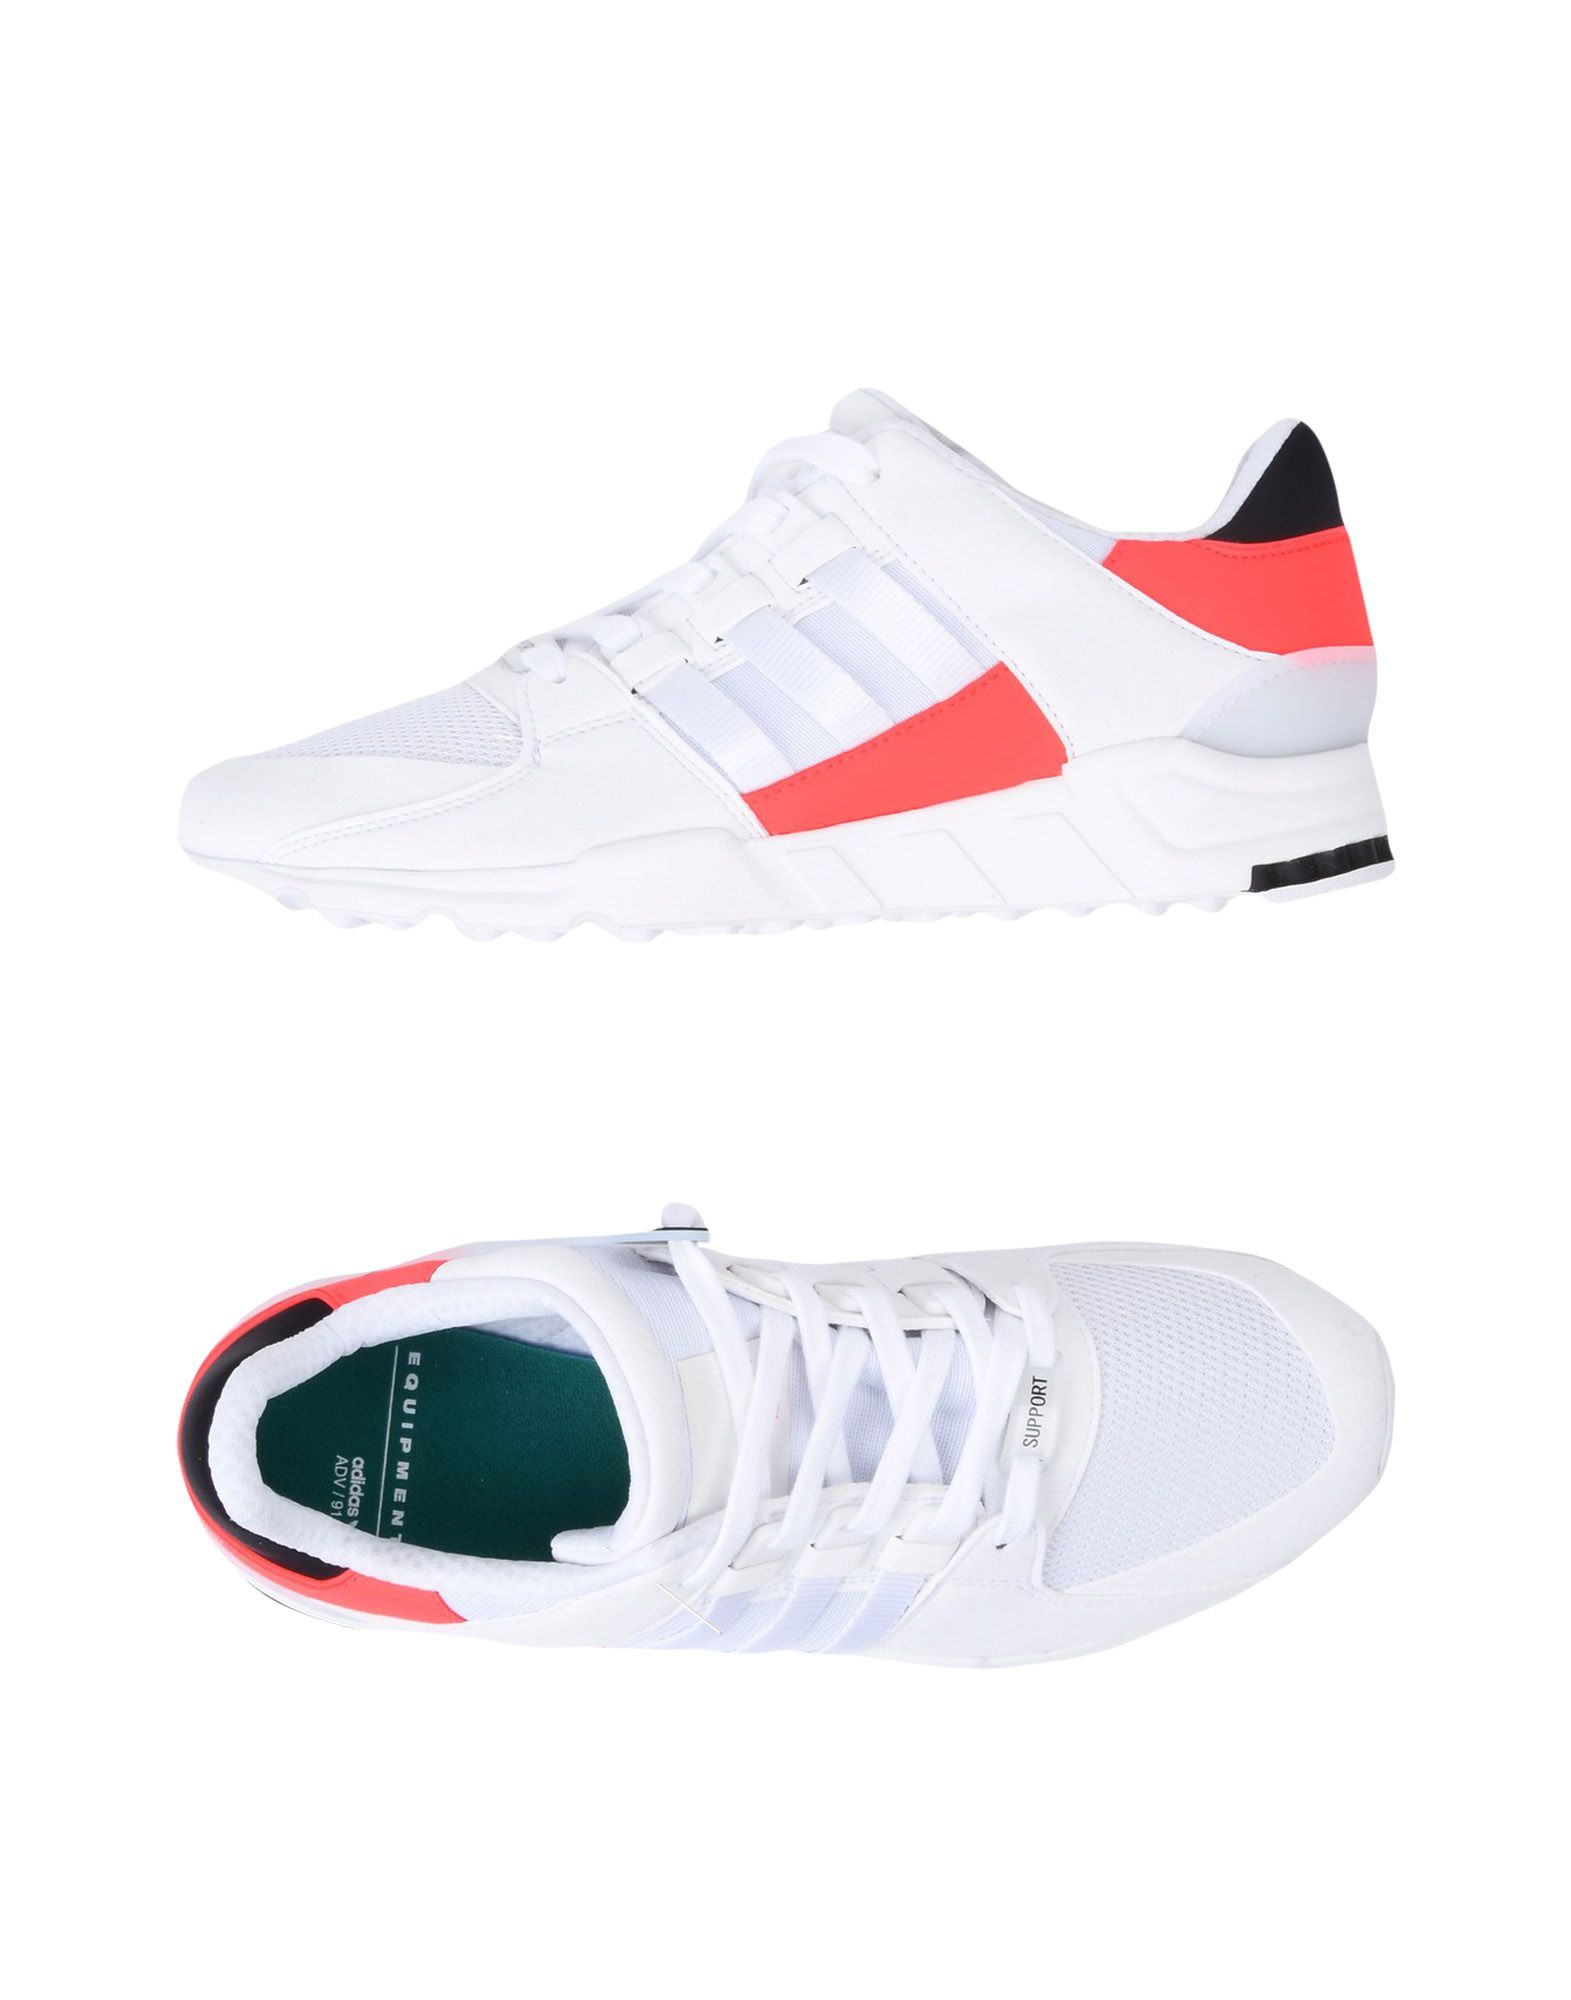 Sneakers Adidas Originals Eqt Support Rf - Uomo - 11238097BM